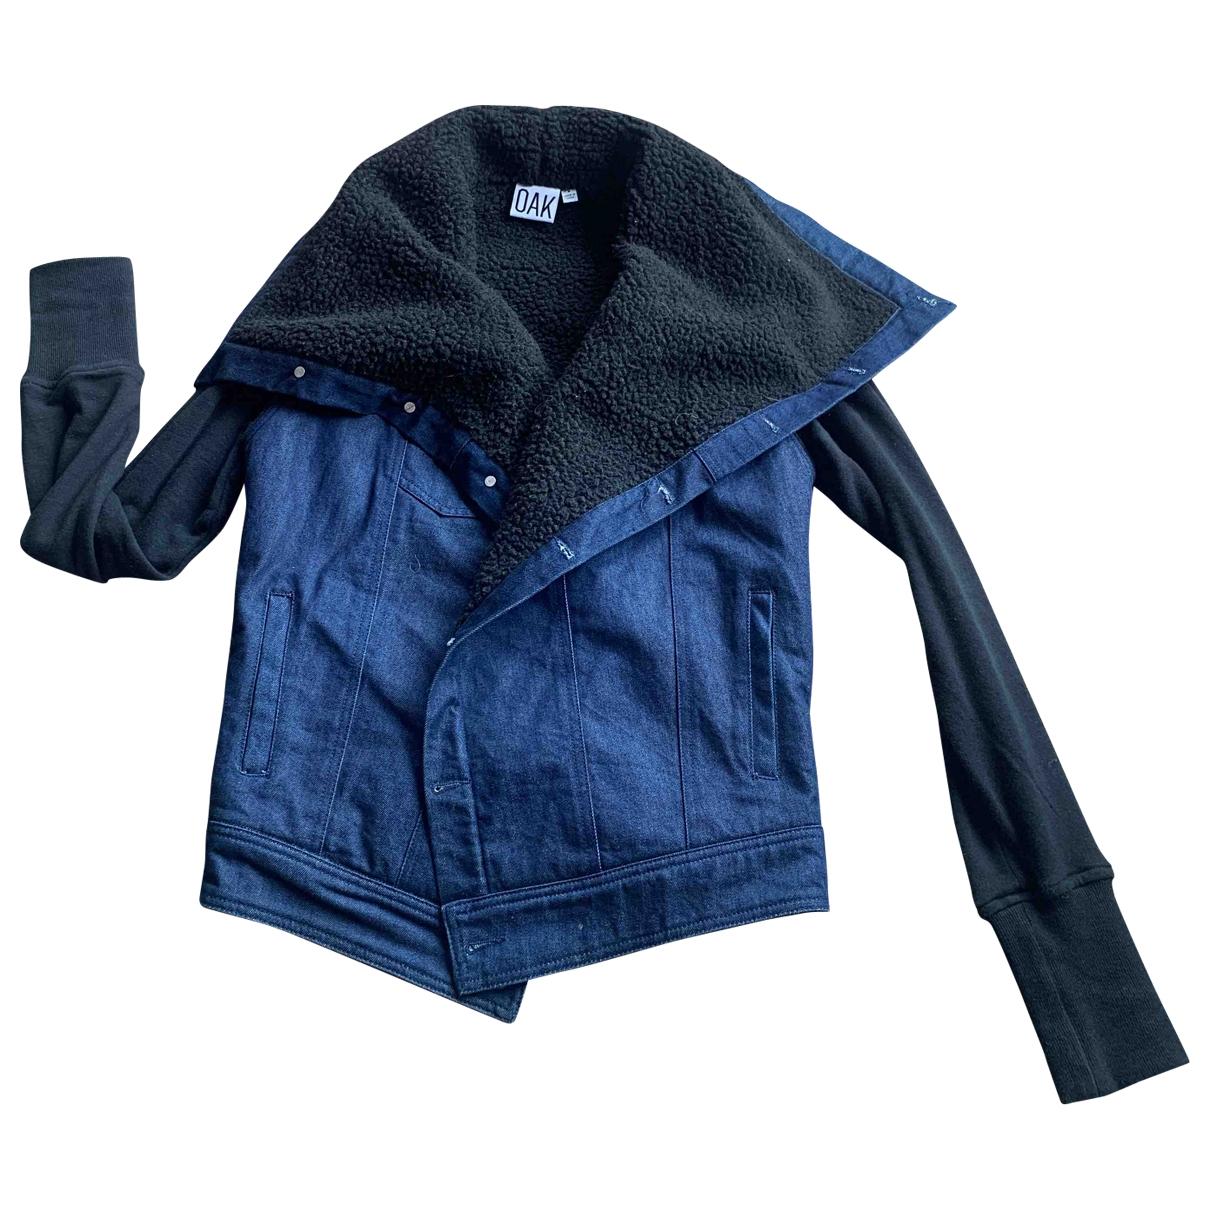 Oak \N Blue Denim - Jeans jacket for Women S International